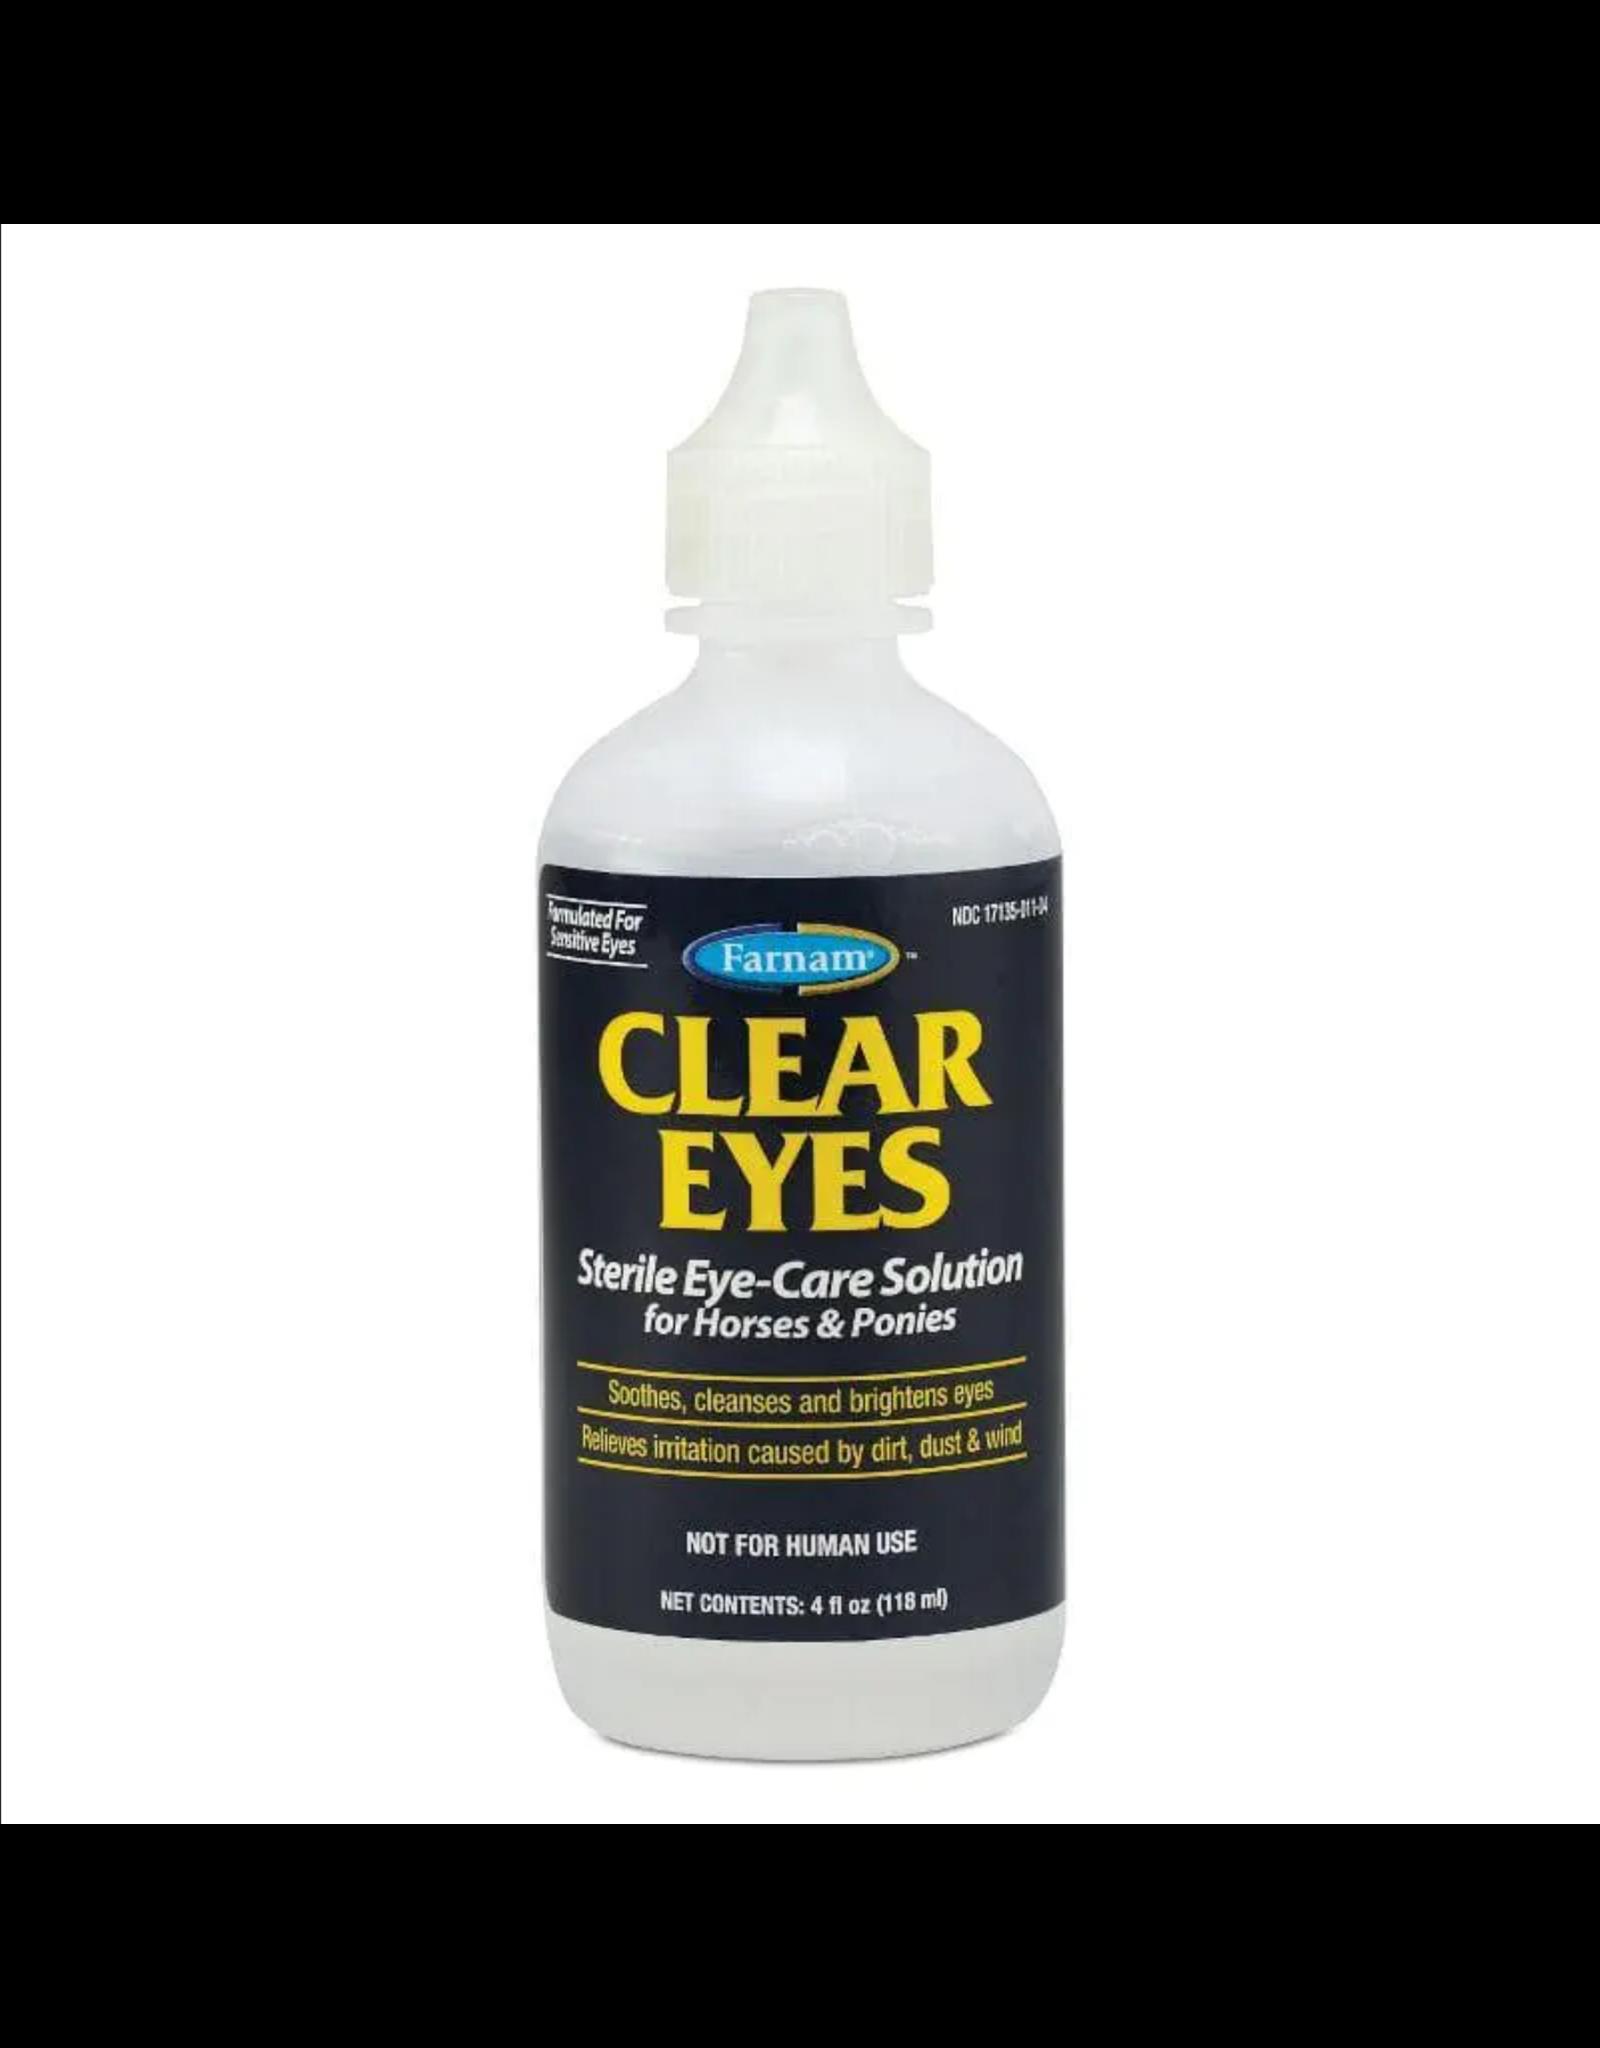 Farnam Clear eyes 3.5 oz